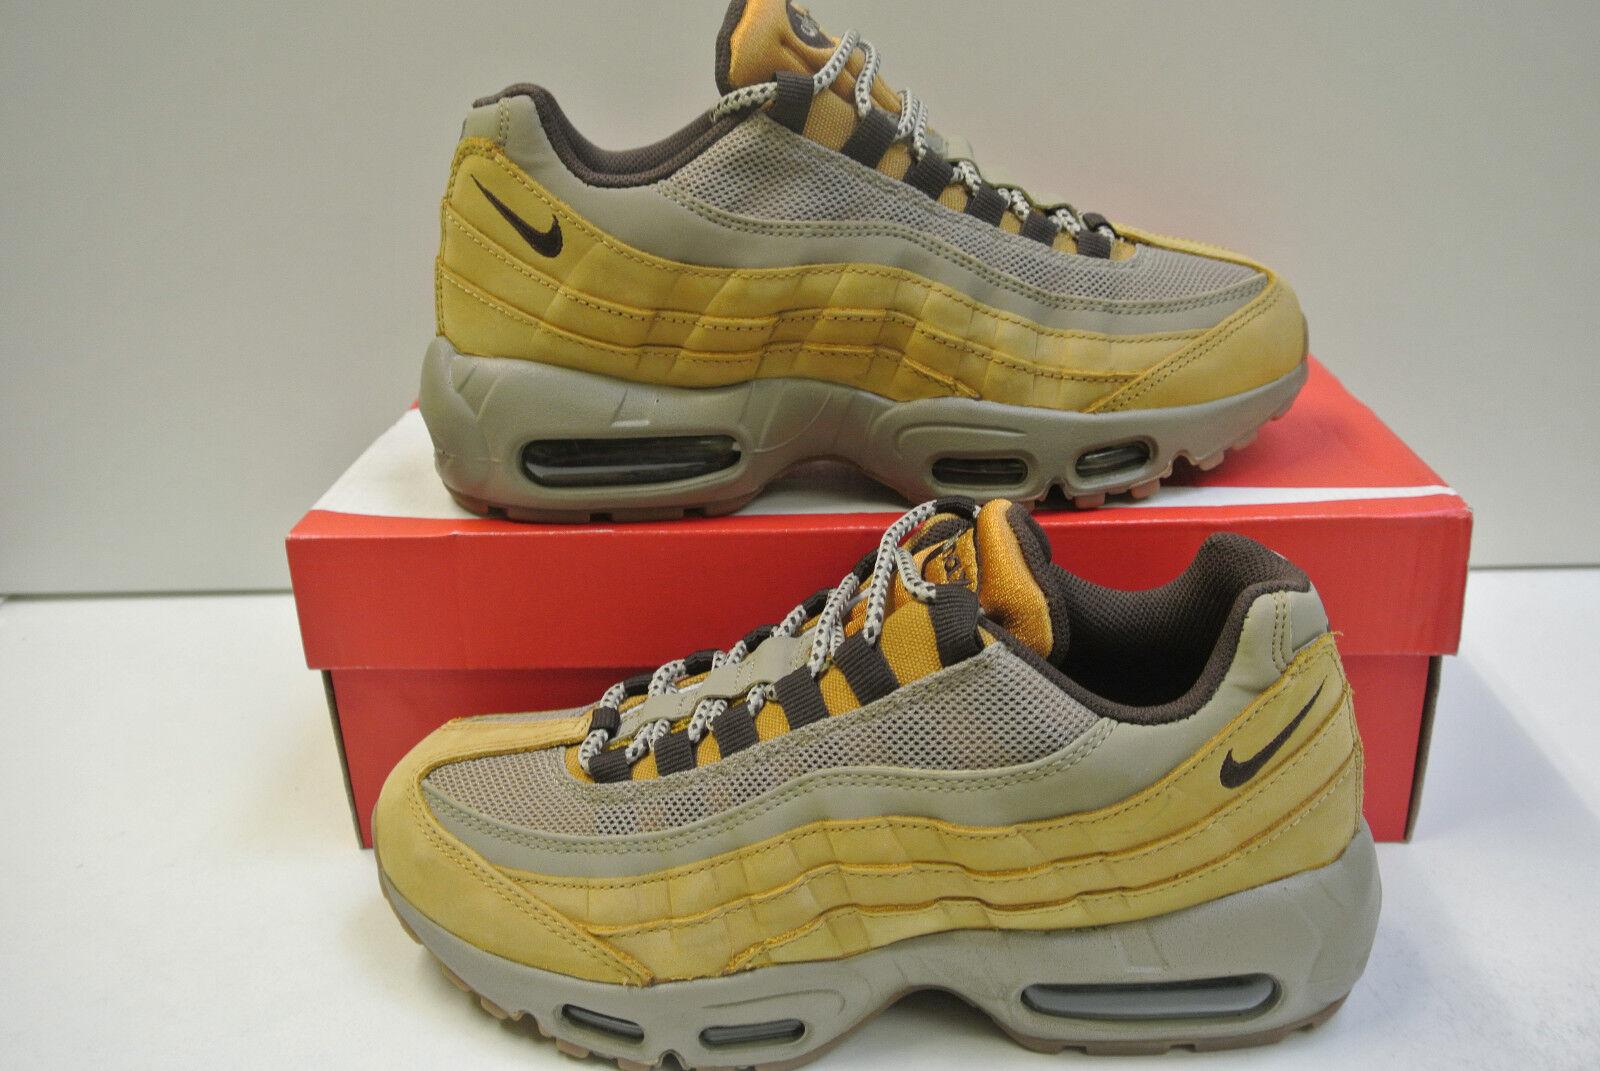 Zapatos casuales salvajes WMNS NIKE AIR MAX 95 WINTER TALLA A ELEGIR NUEVO Y EMB. orig. 880303 700